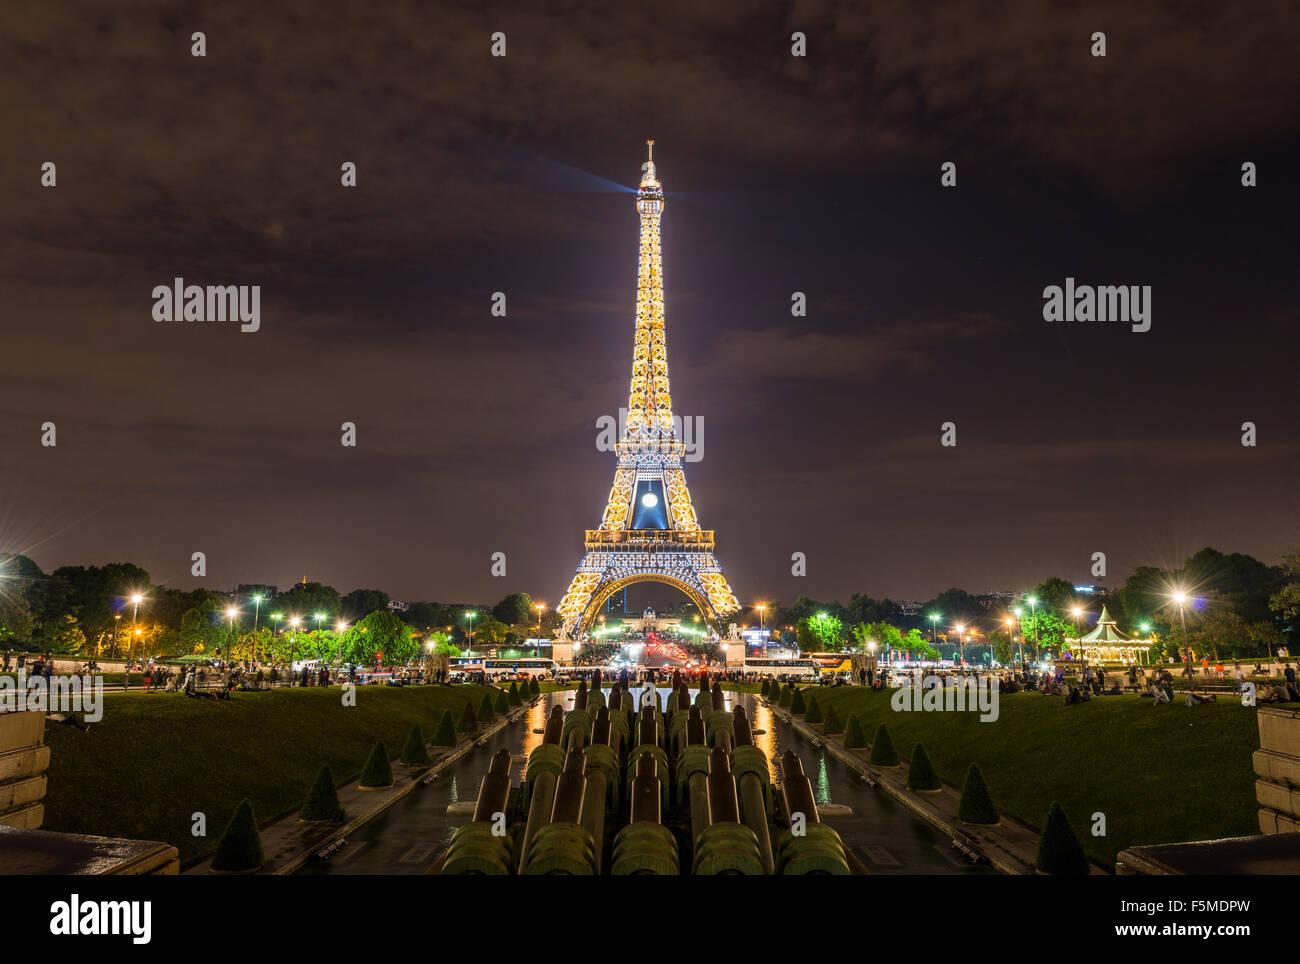 Iluminada de noche de la Torre Eiffel, el Trocadero, la Torre Eiffel, Paris, Ile-de-France, Francia Imagen De Stock